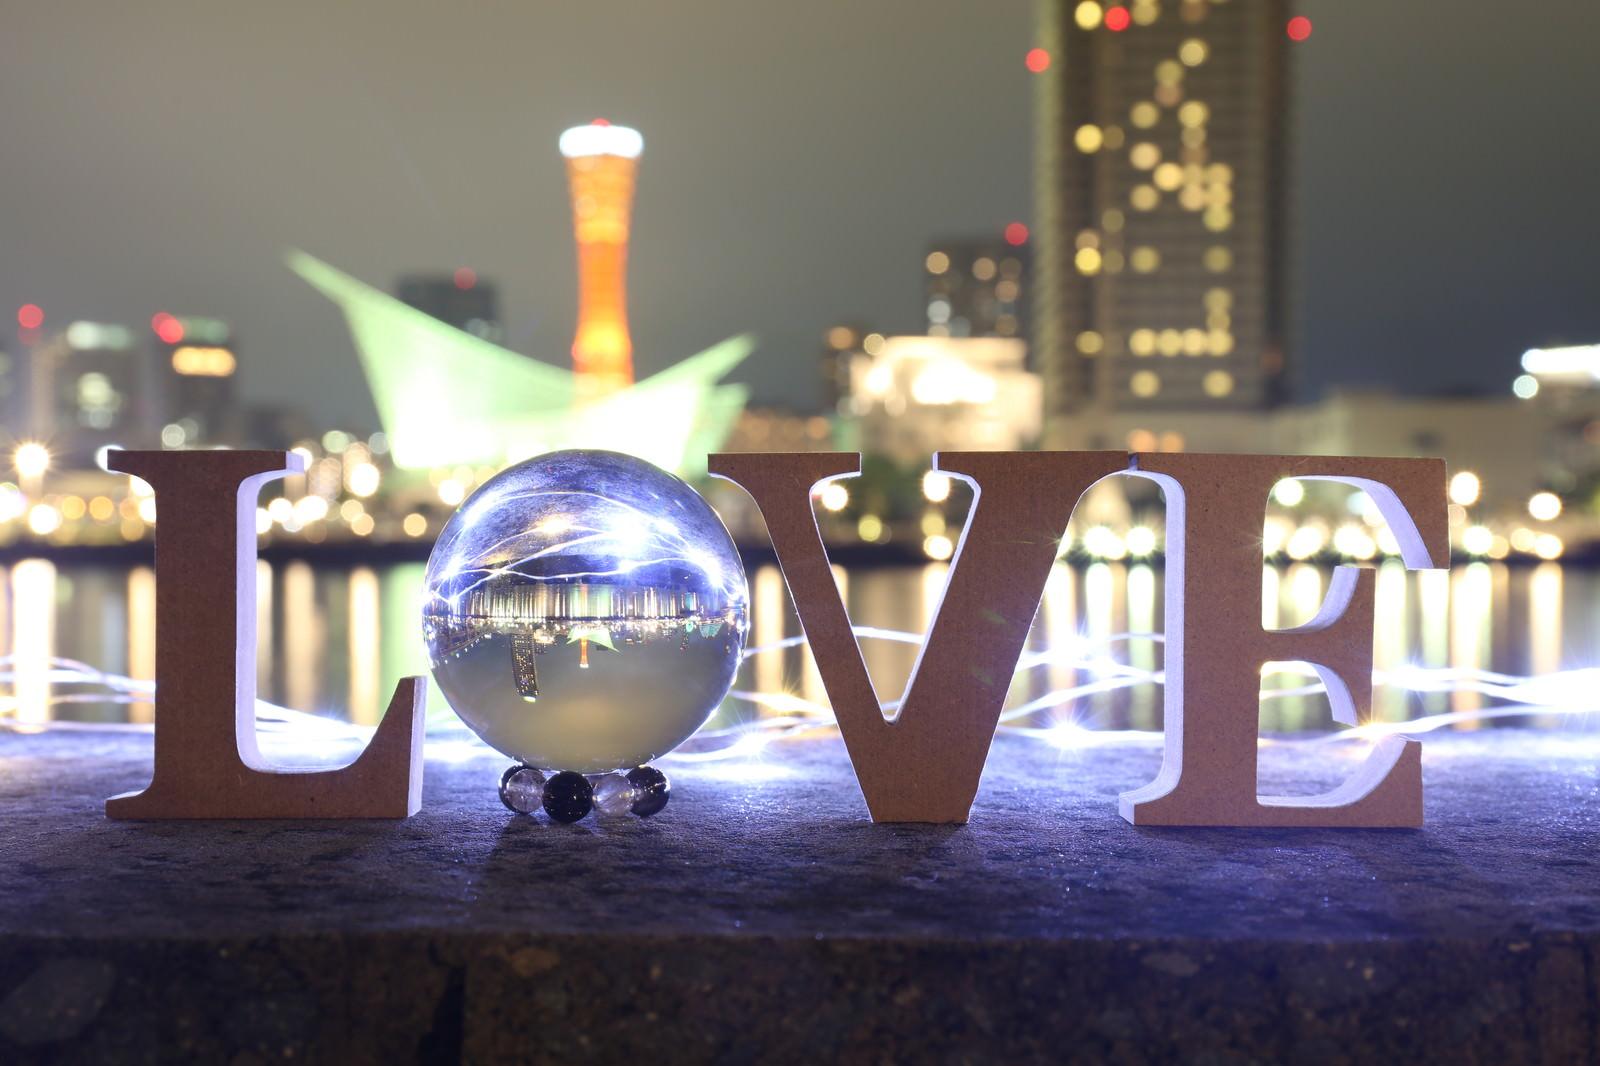 「ライトアップした街並みとLOVEの水晶玉」の写真